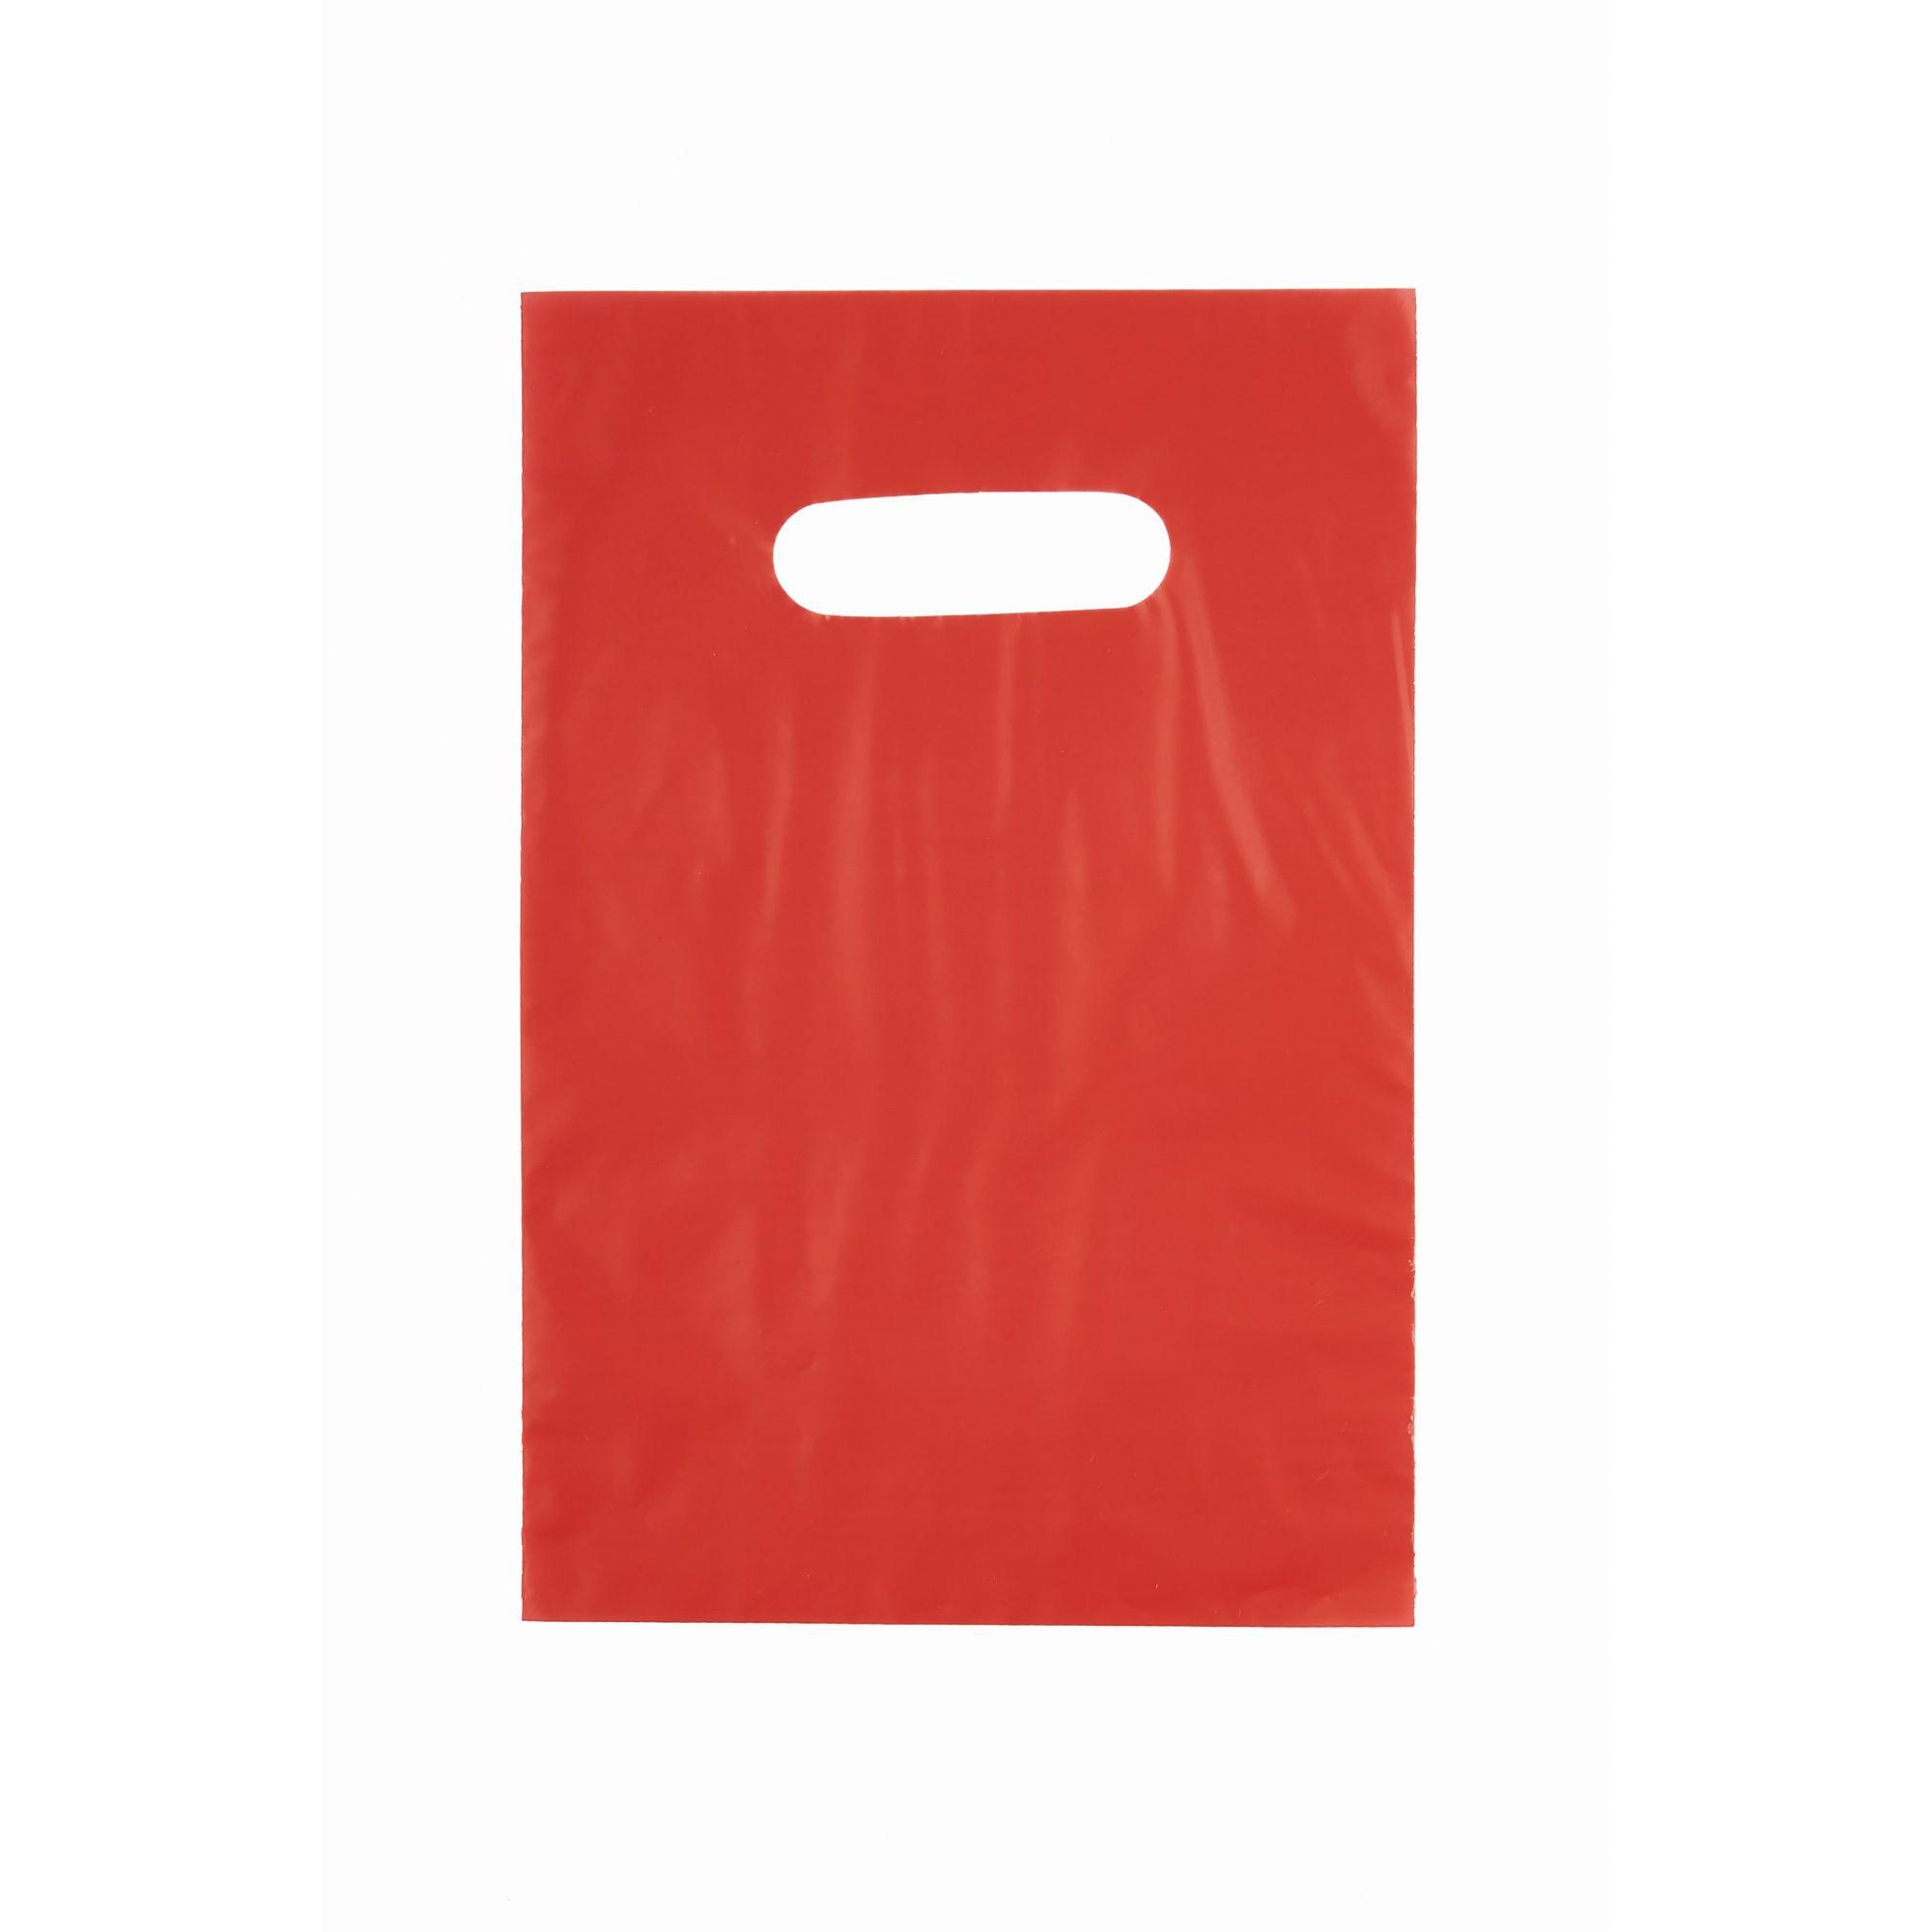 Sacola Plástica 20x30 Vermelha - Alça Boca de Palhaço